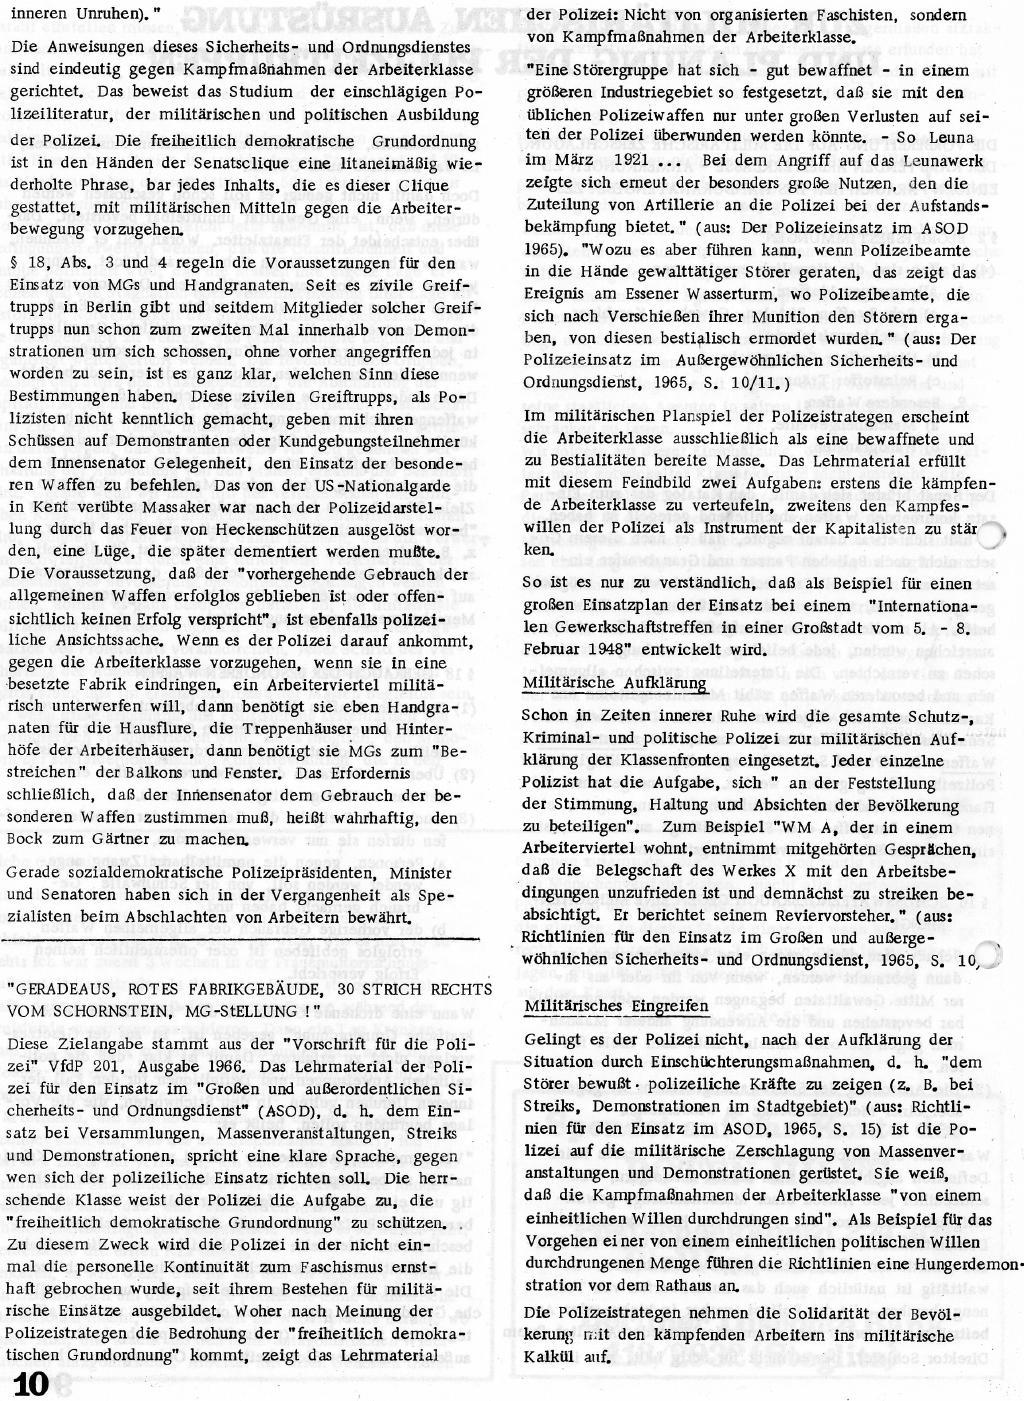 RPK_1970_068_10